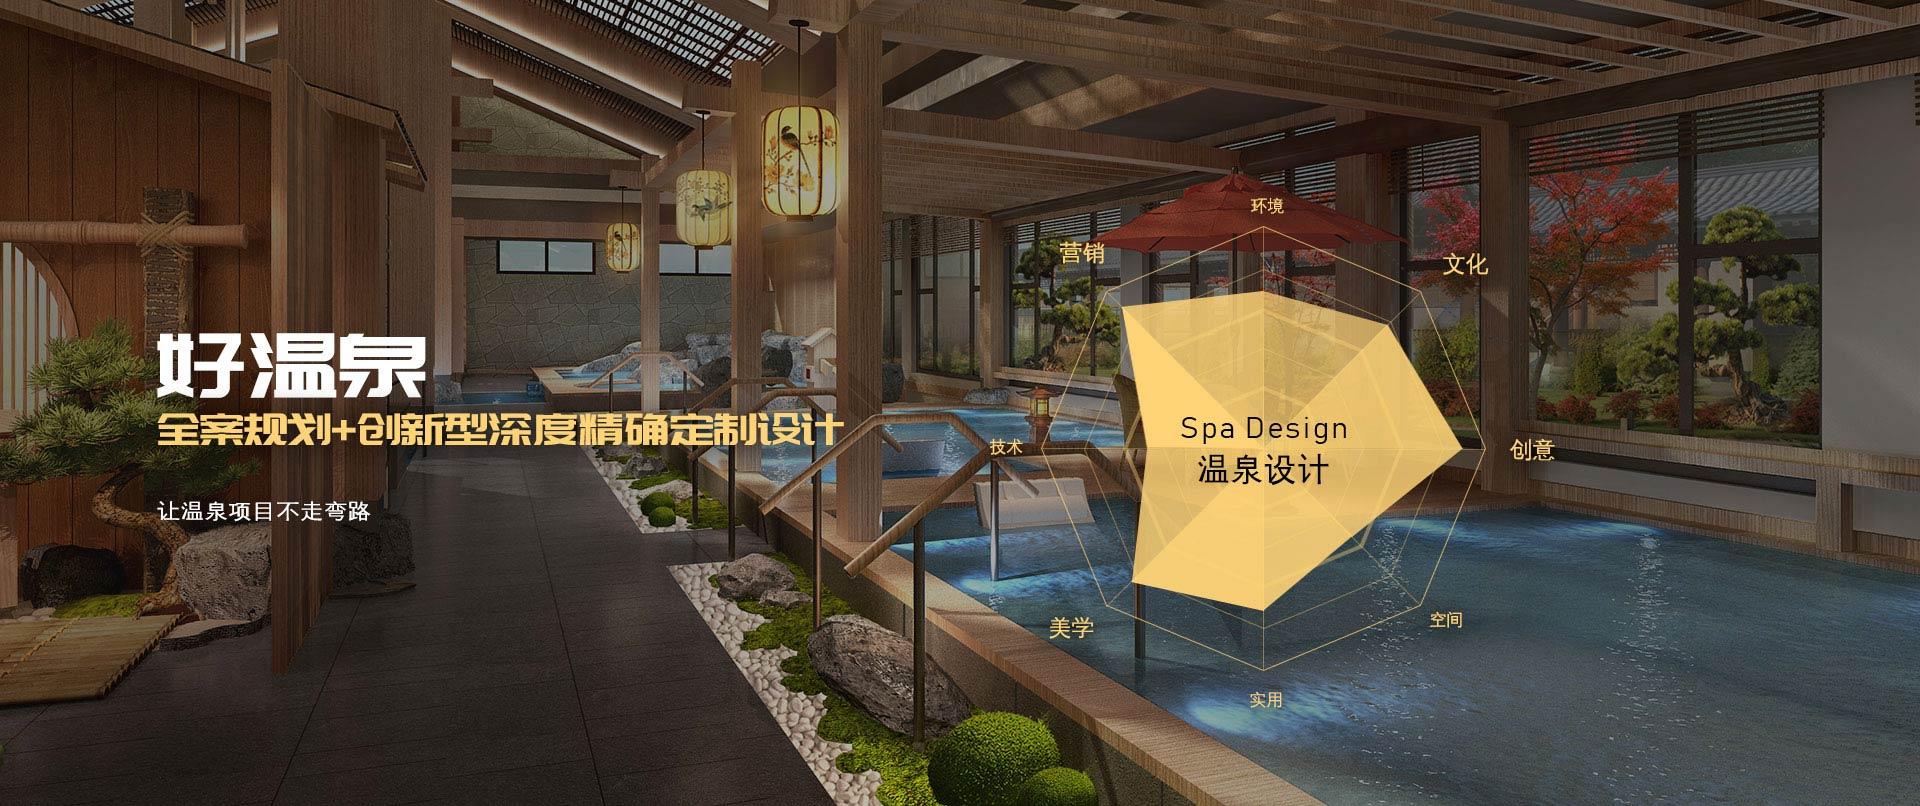 好温泉,全案规划+创新型深度精确定制设计